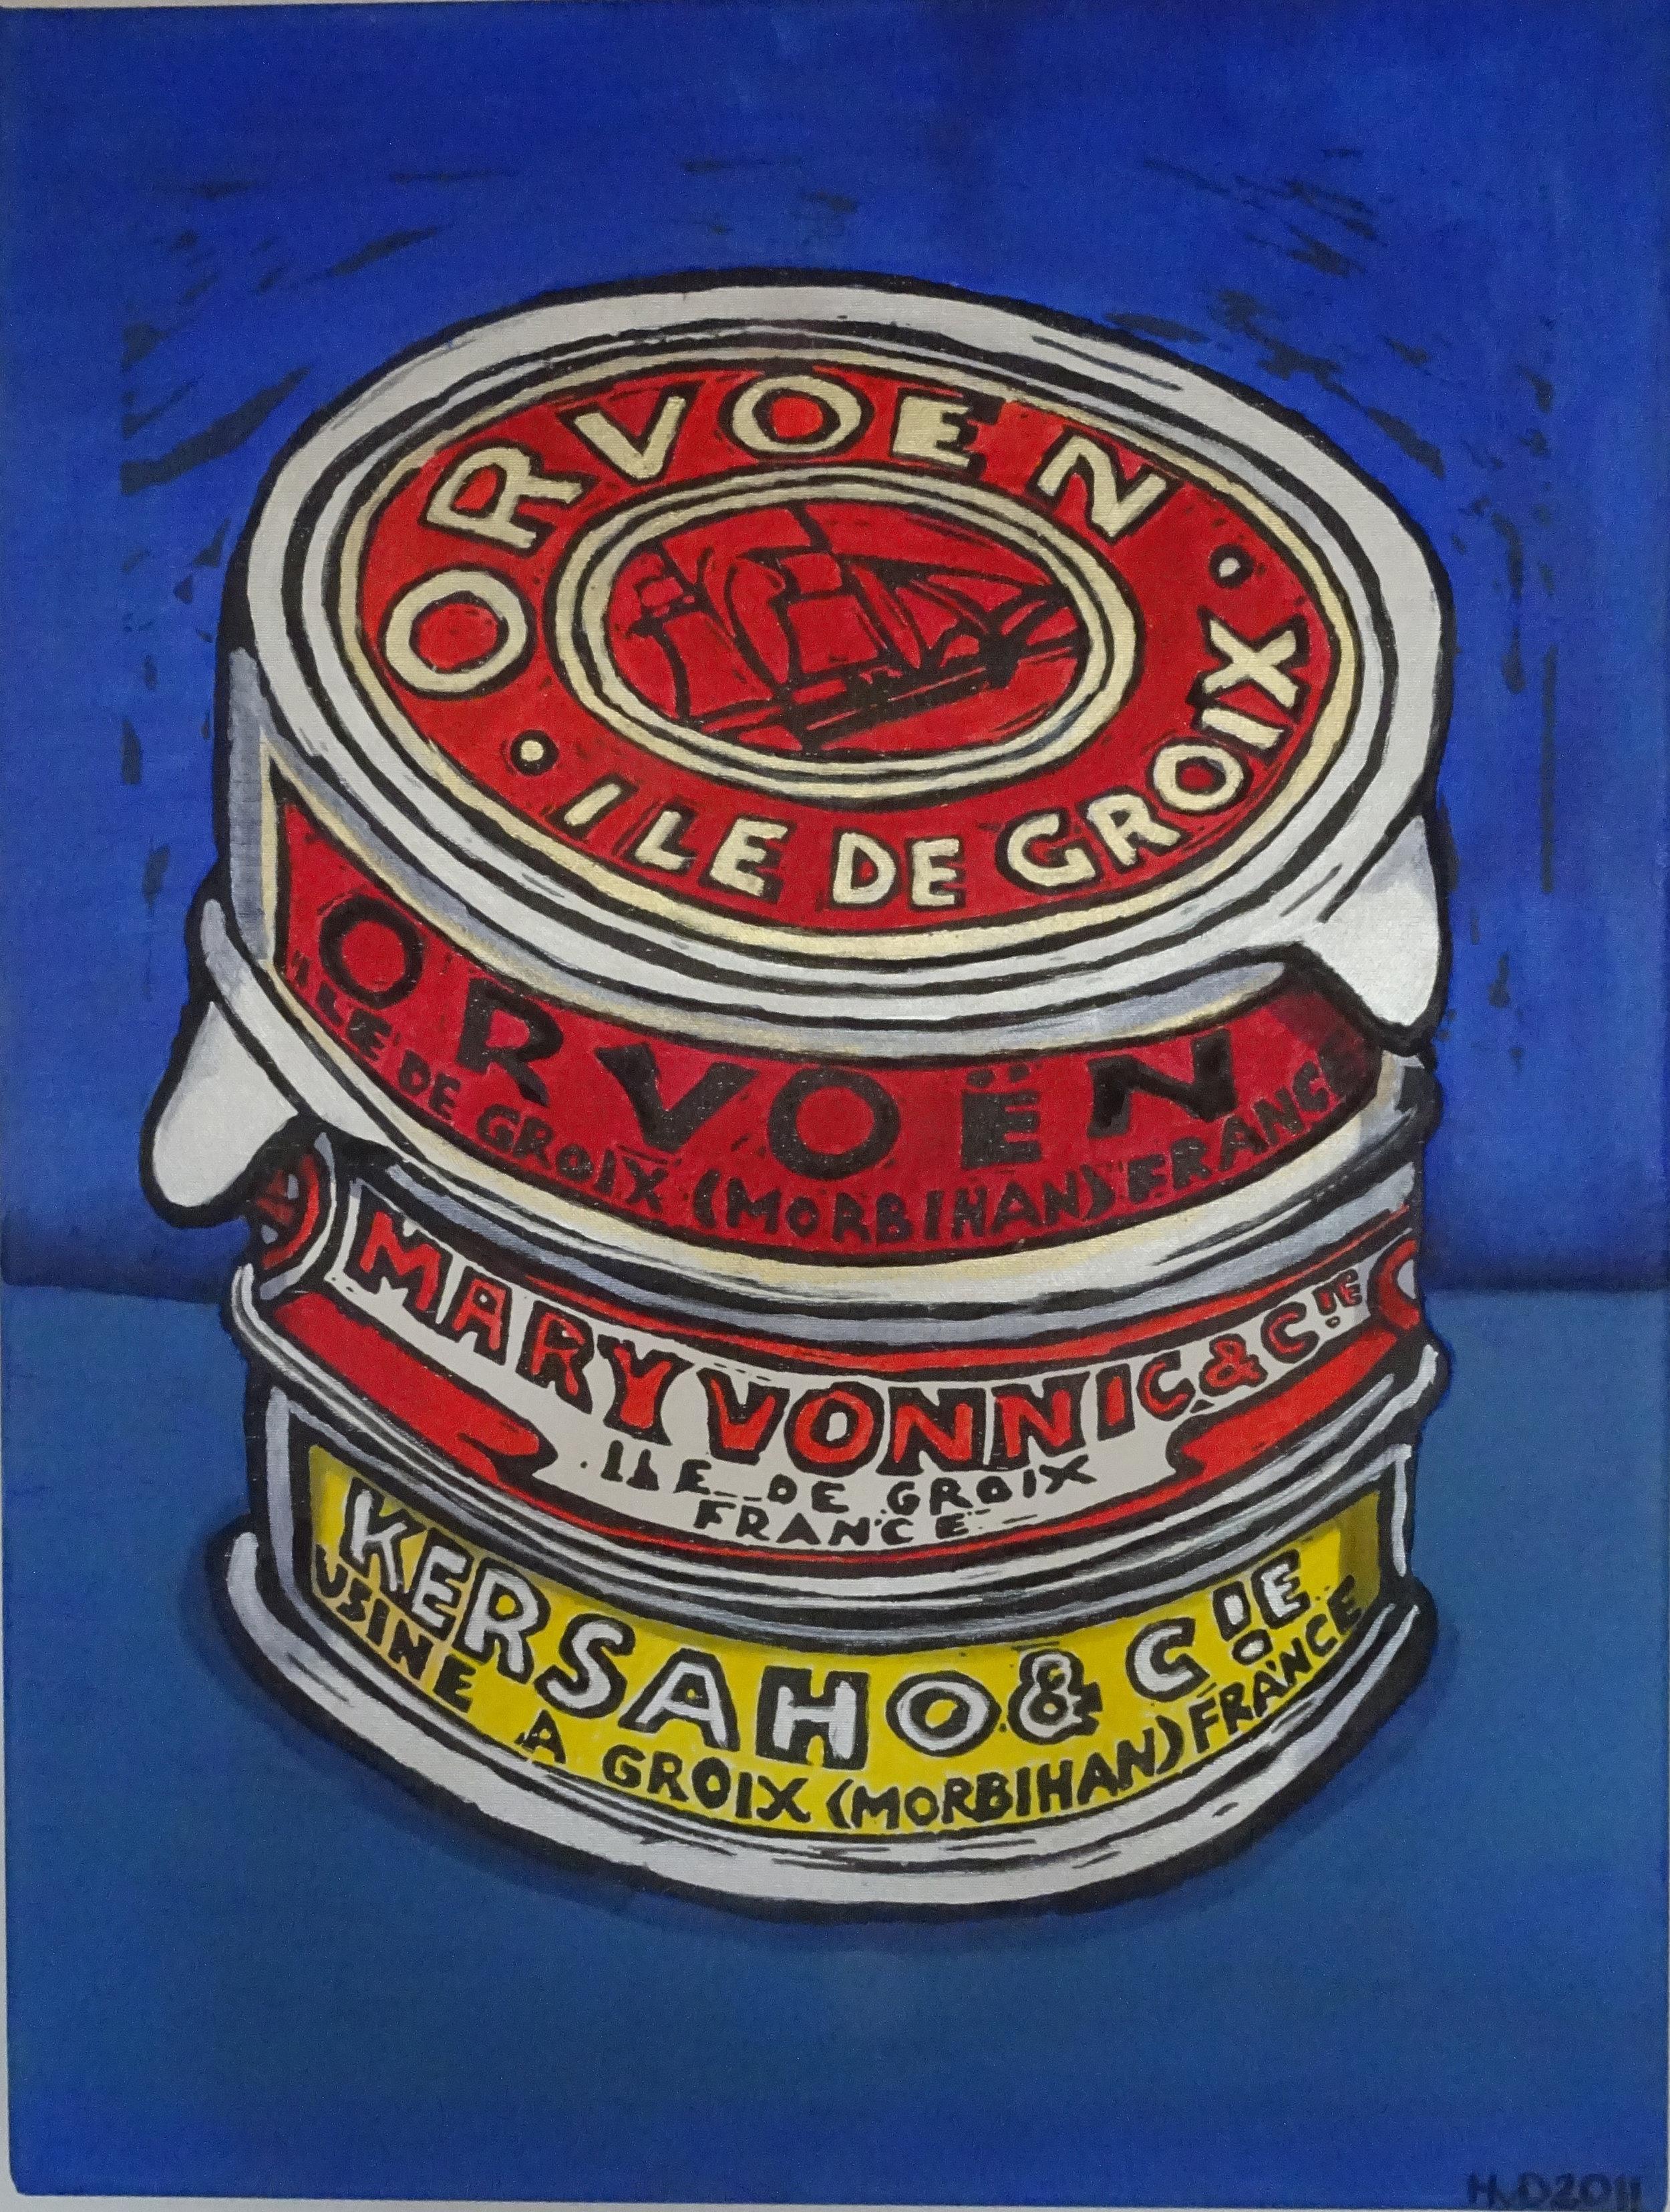 Groix tuna cans, acrylic on canvas 80 x 50 cm